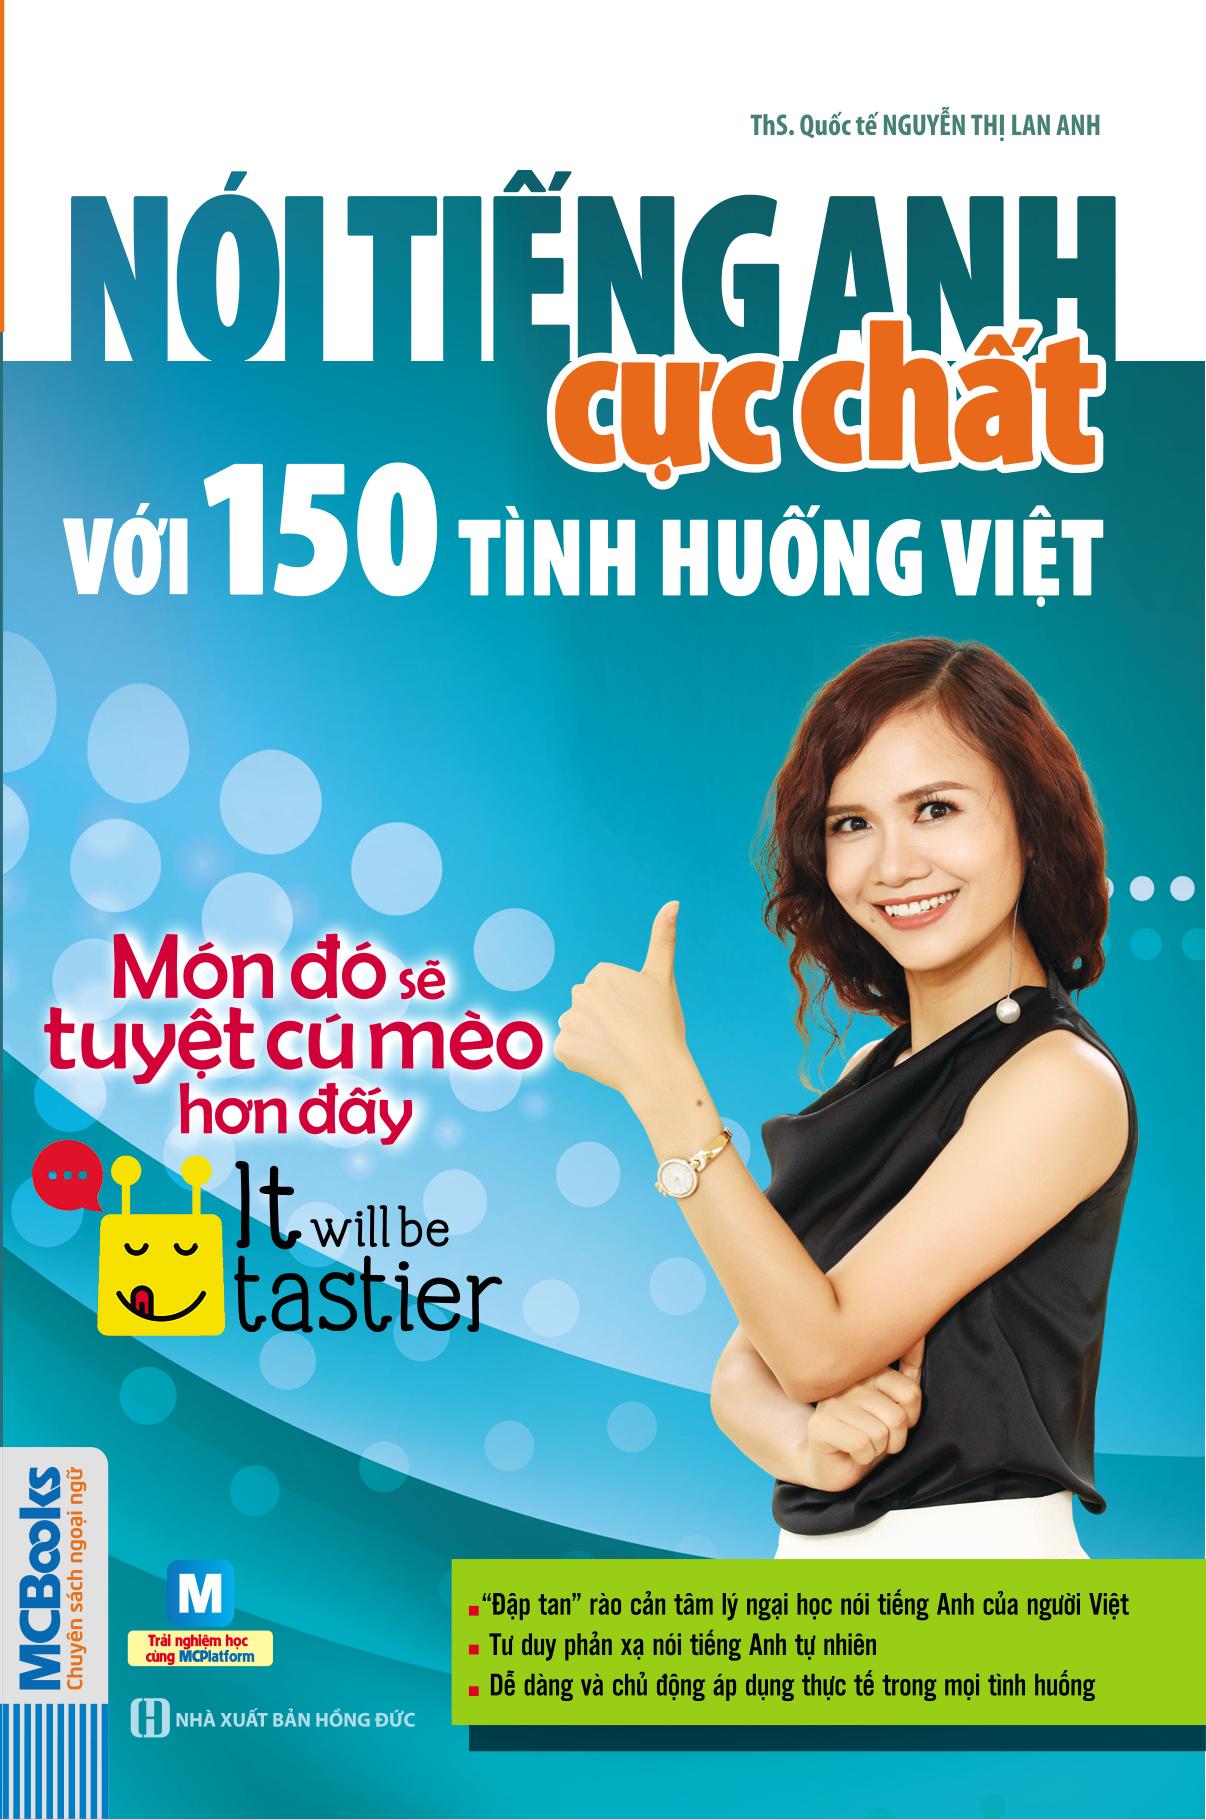 Nói Tiếng Anh Cực Chất Với 150 Tình Huống Việt – Món Đó Sẽ Tuyệt Cú Mèo Hơn Đấy